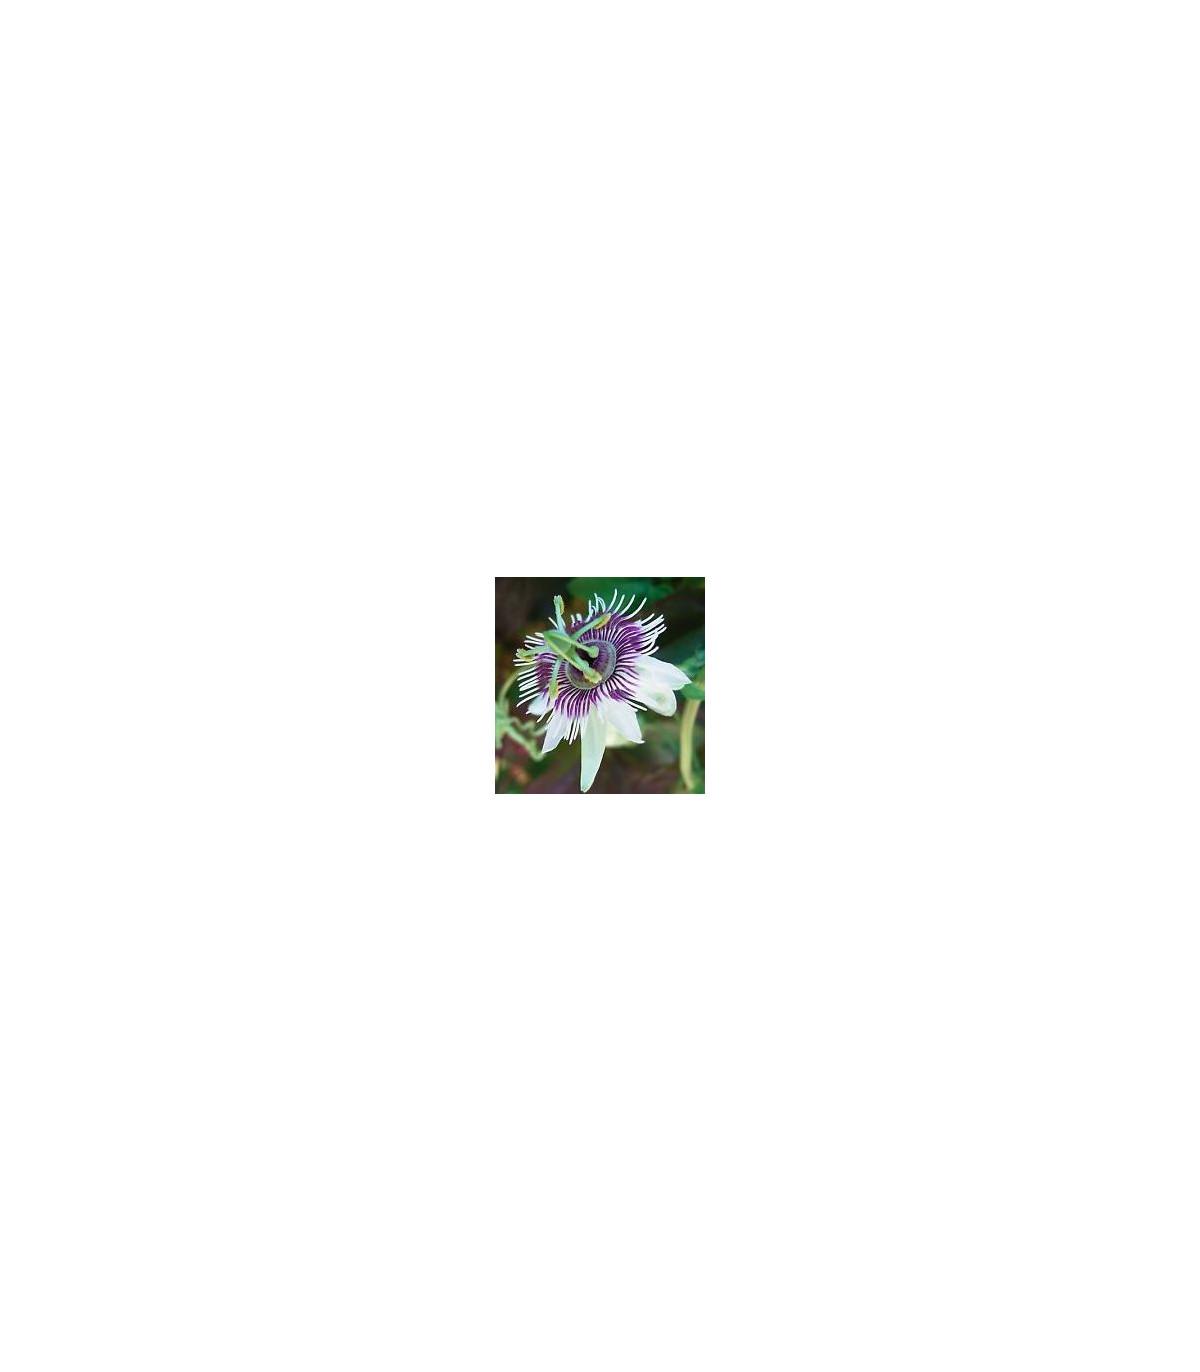 Mučenka morušolistá - Passiflora morifolia - predaj semien mučenky - 4 ks